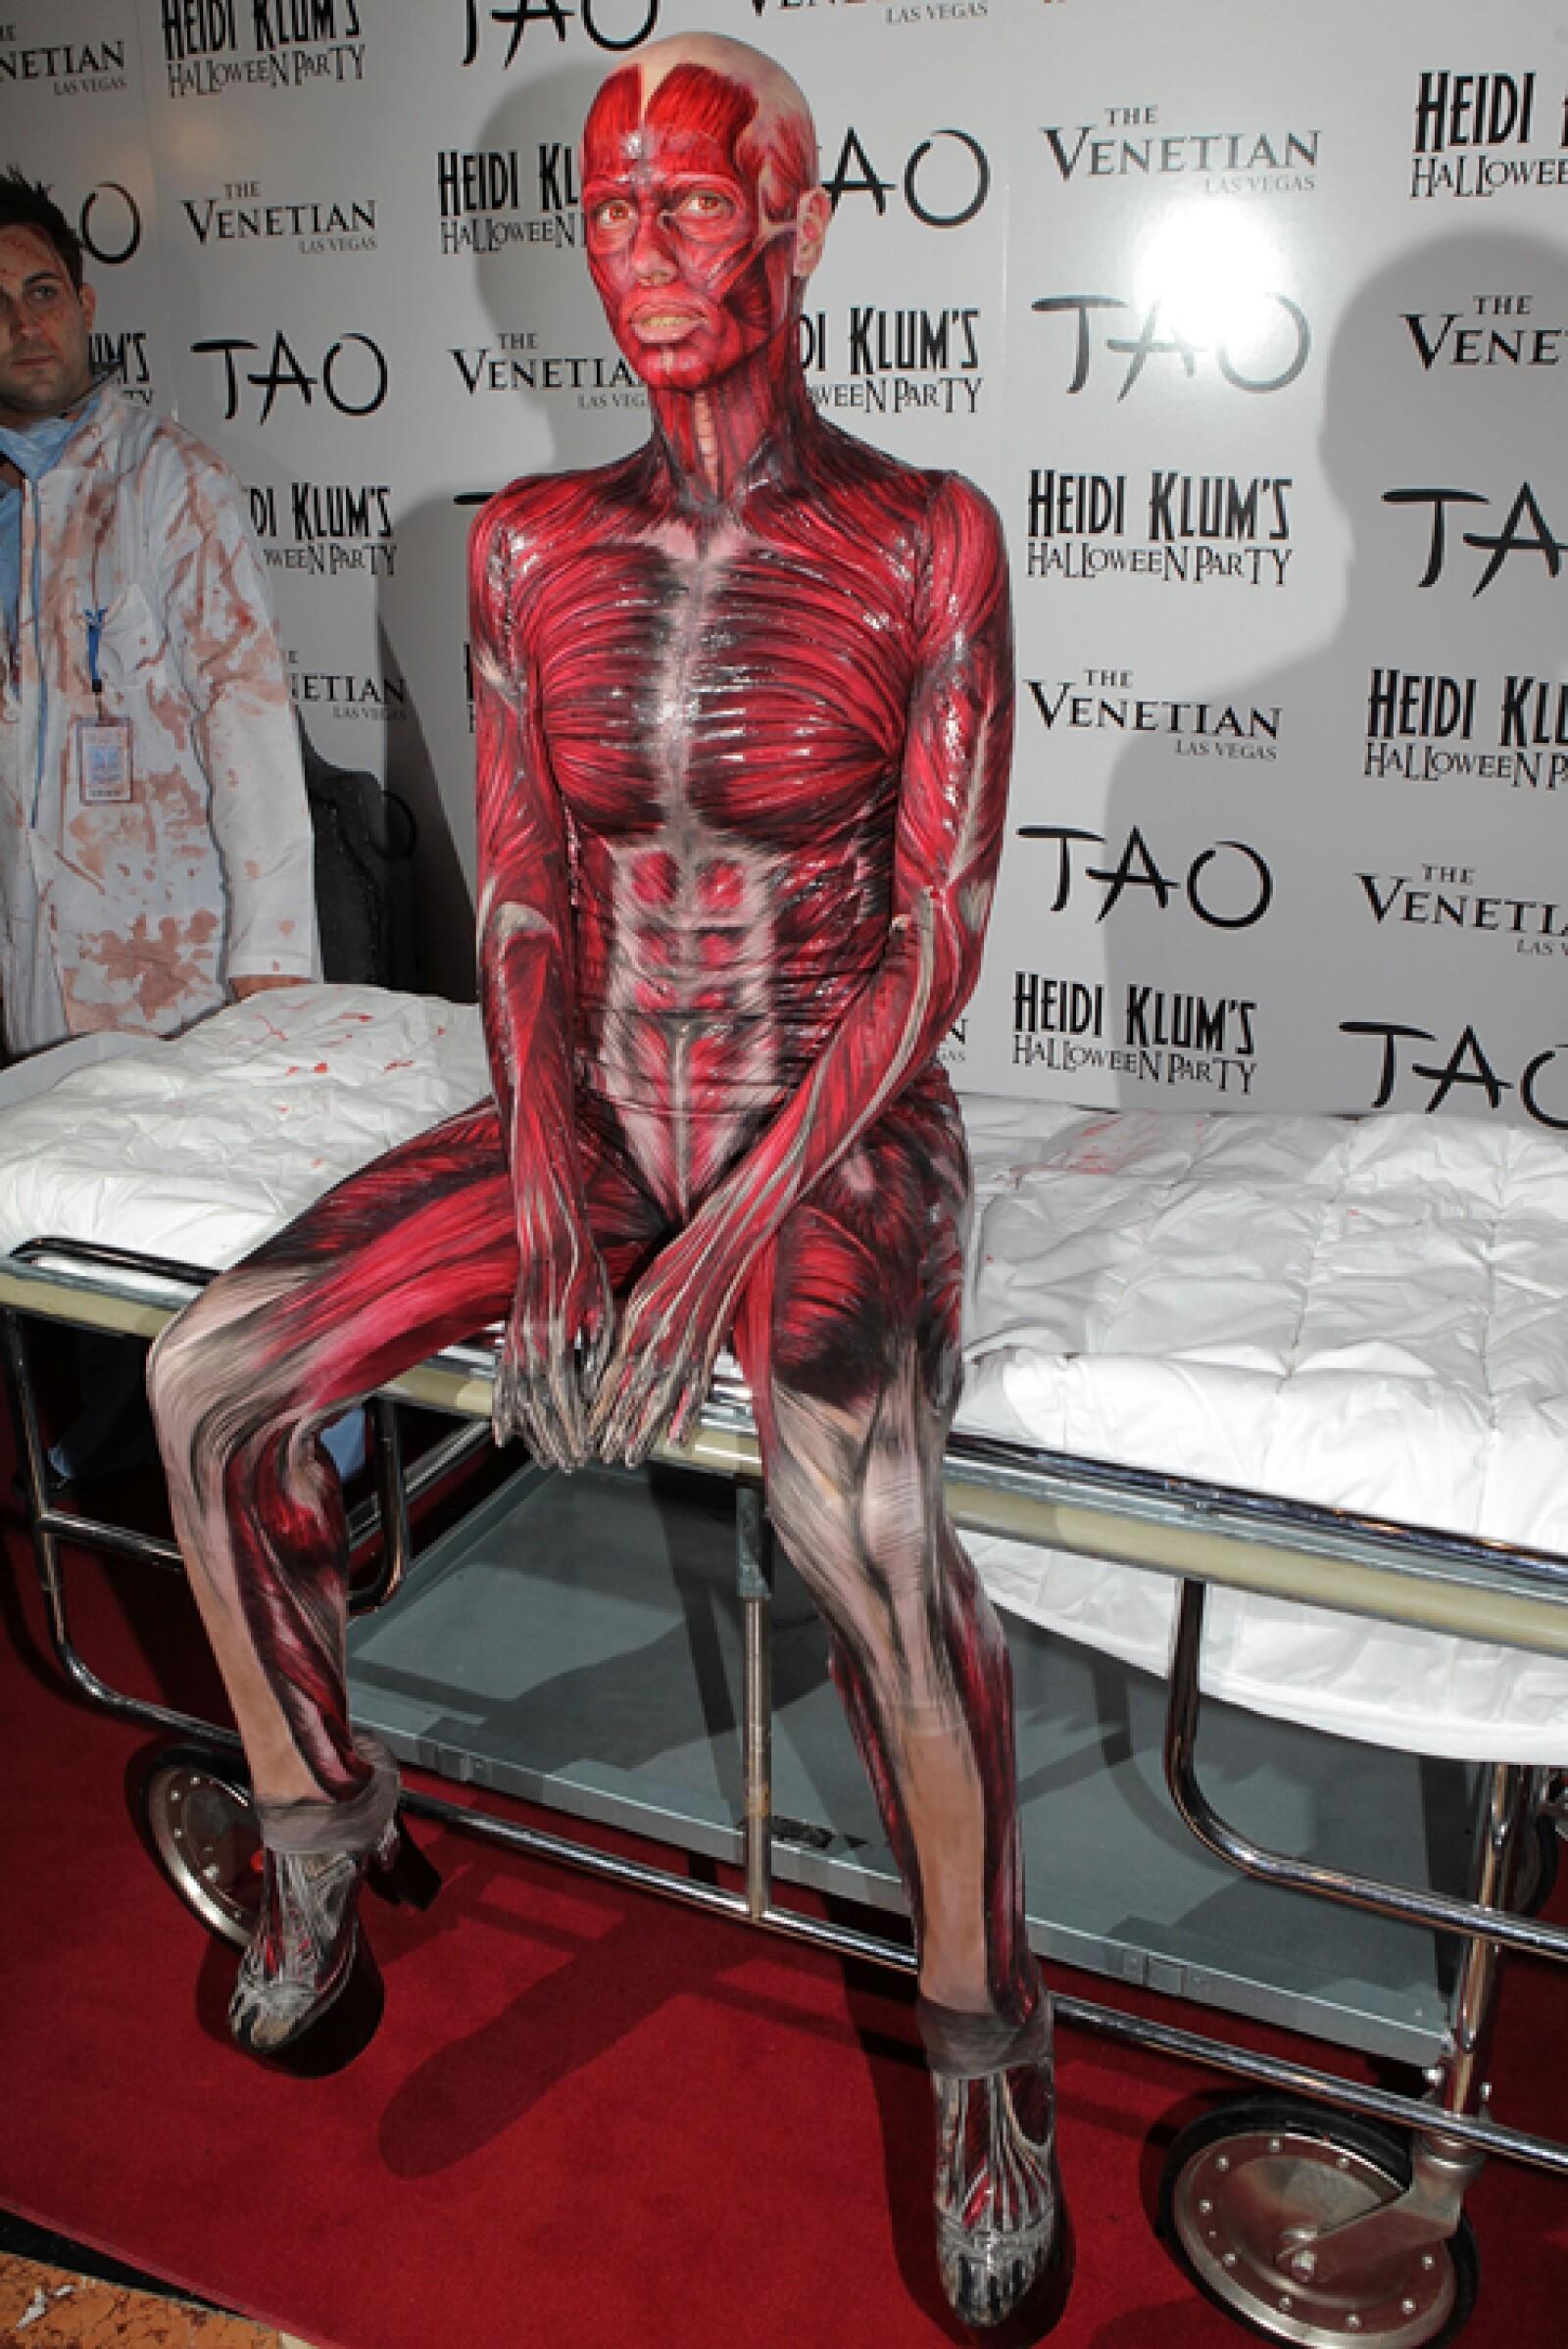 IMPRESIONANTE. Heidi Klum se ha coronado como la reina del disfraz. Su fiesta anual de Halloween es ya legendaria en Hollywood.